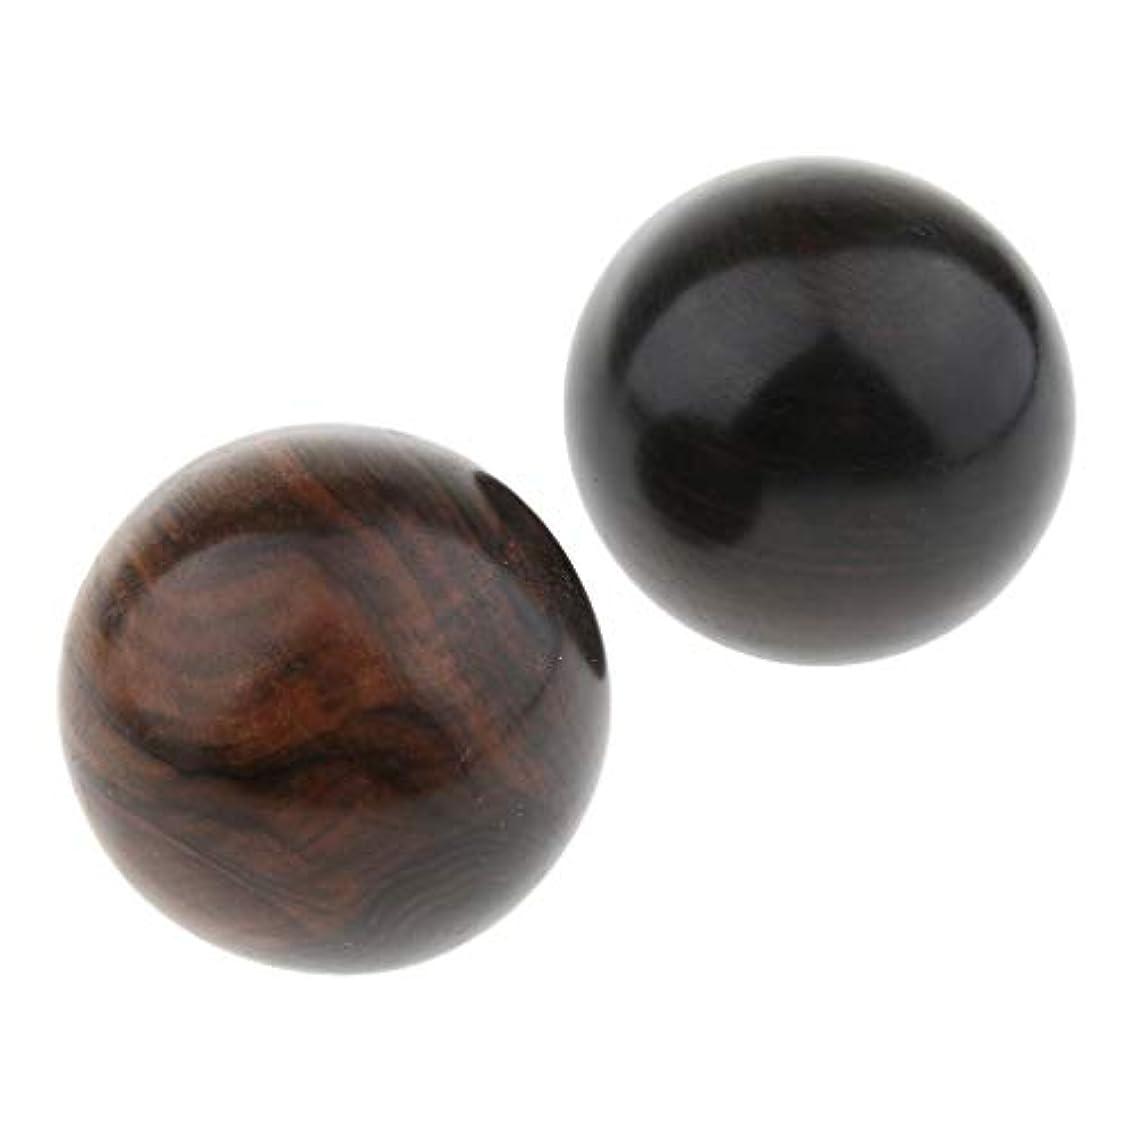 震えアジア人悔い改めるハンドボール マッサージボール 木製 ストレス解消 運動 トリガーポイント 2個入